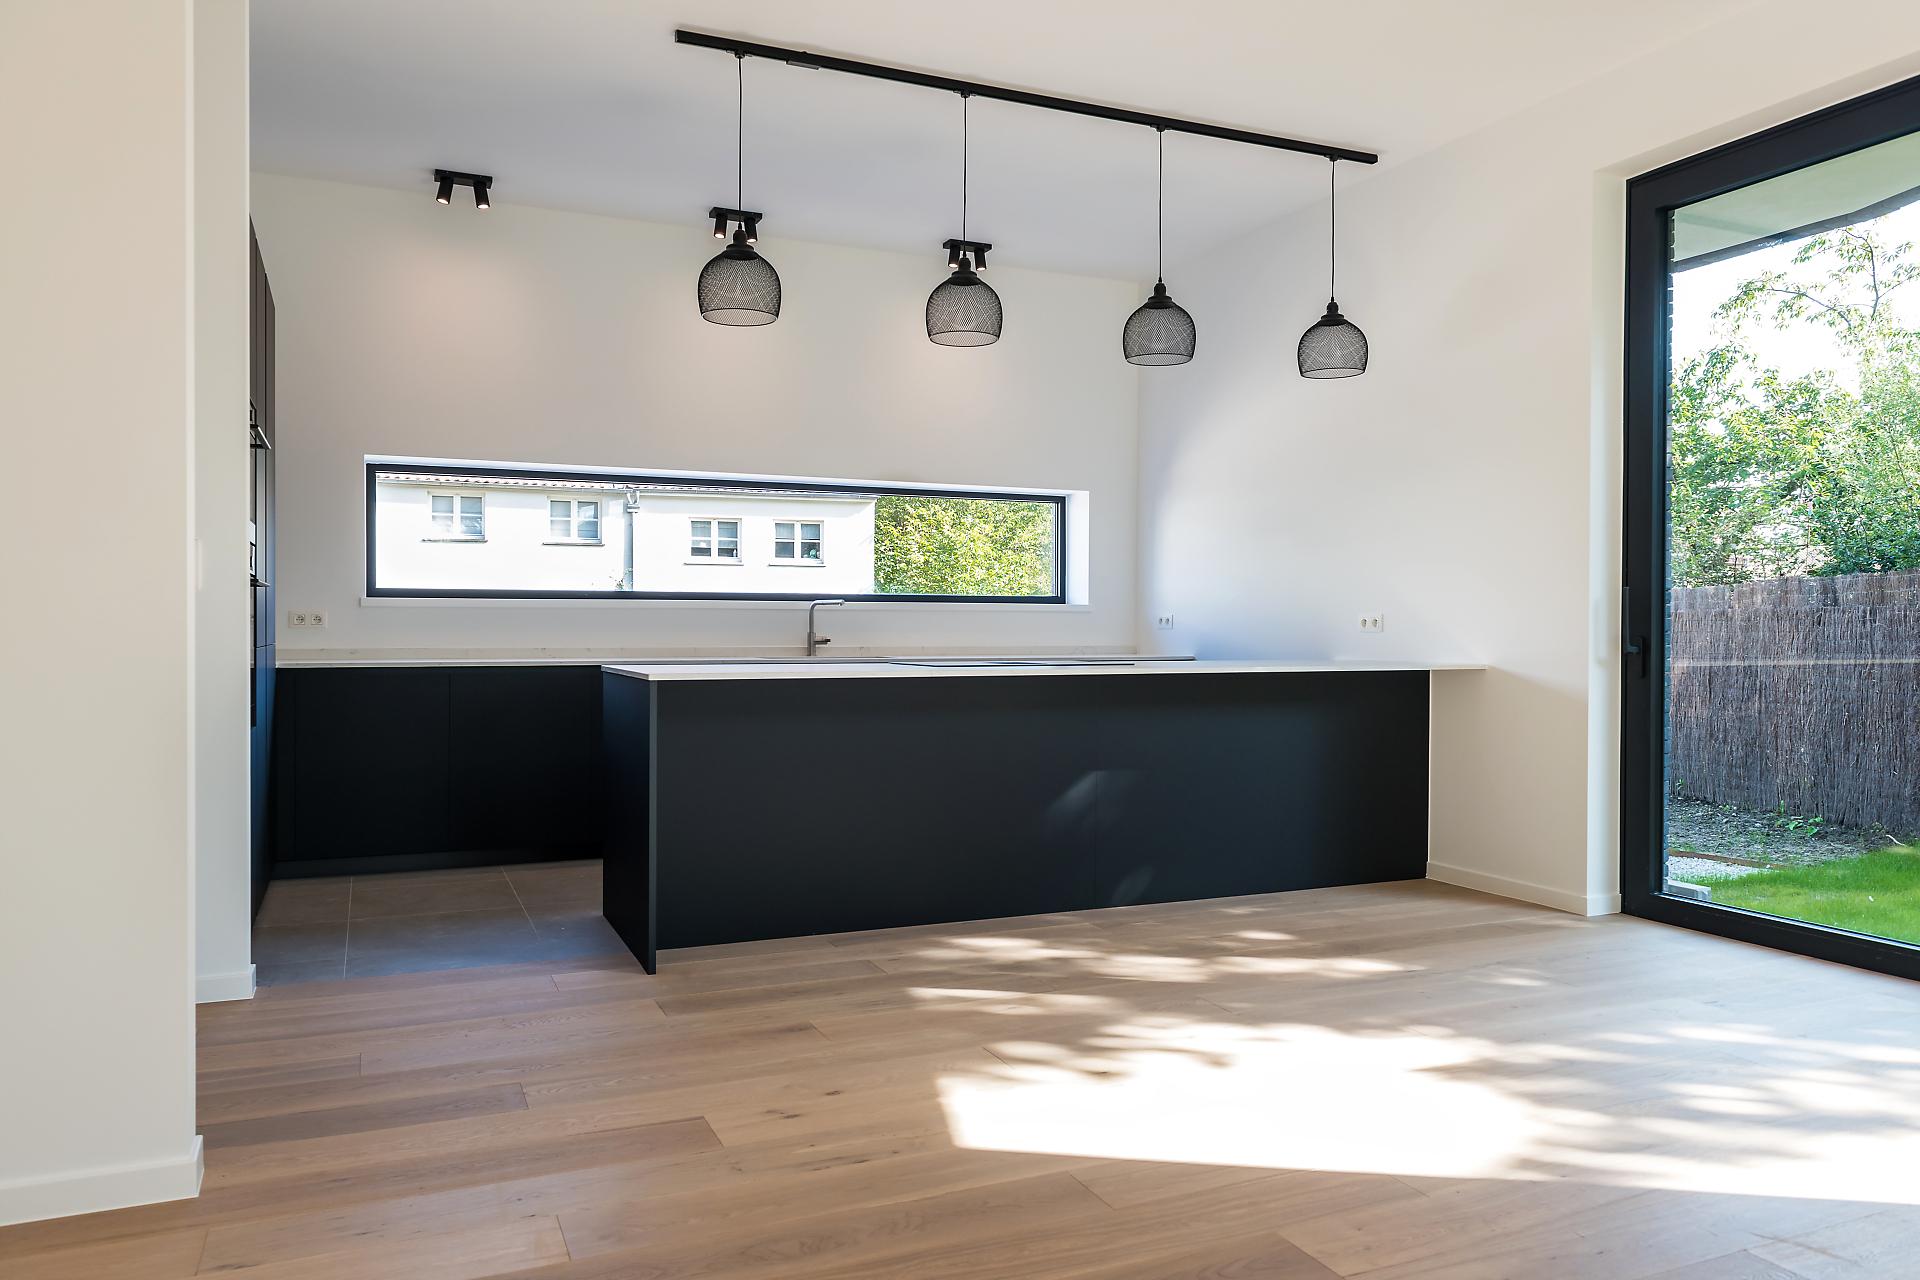 Cuisine moderne noir mat ouverte | Raison Home Belgium - 1